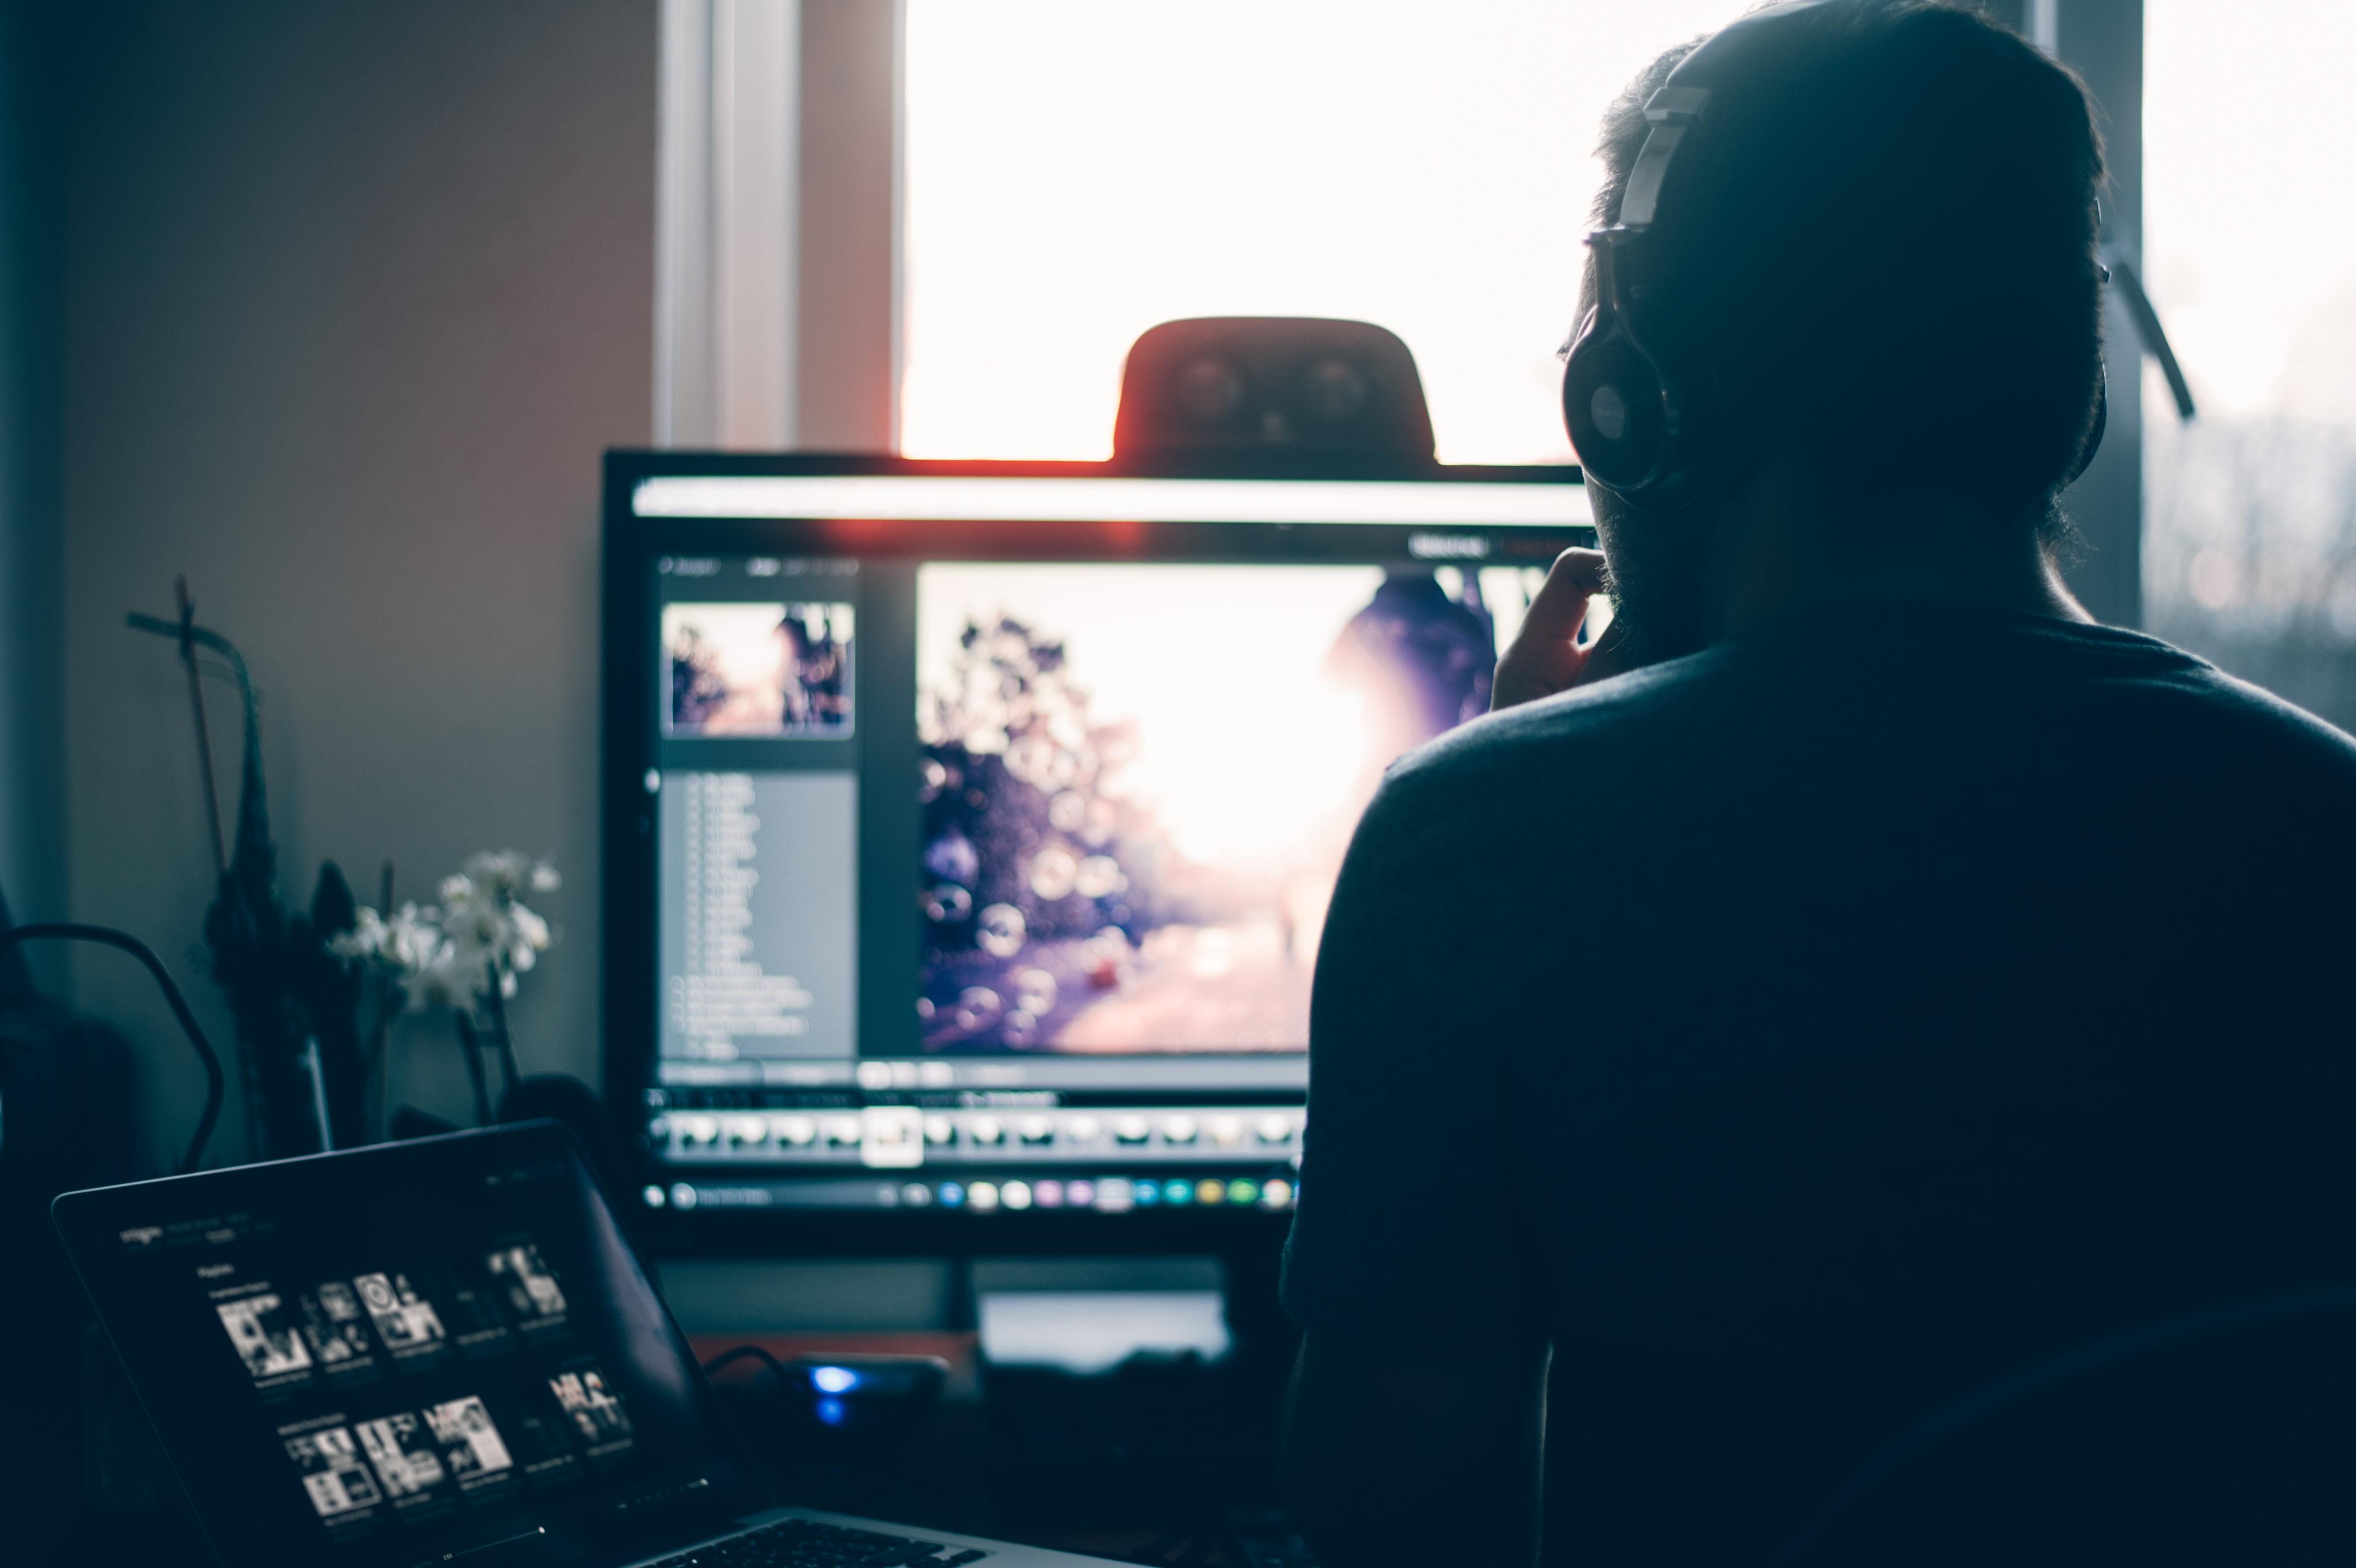 Viciados em tecnologia já pensaram em trabalhar com TV digital